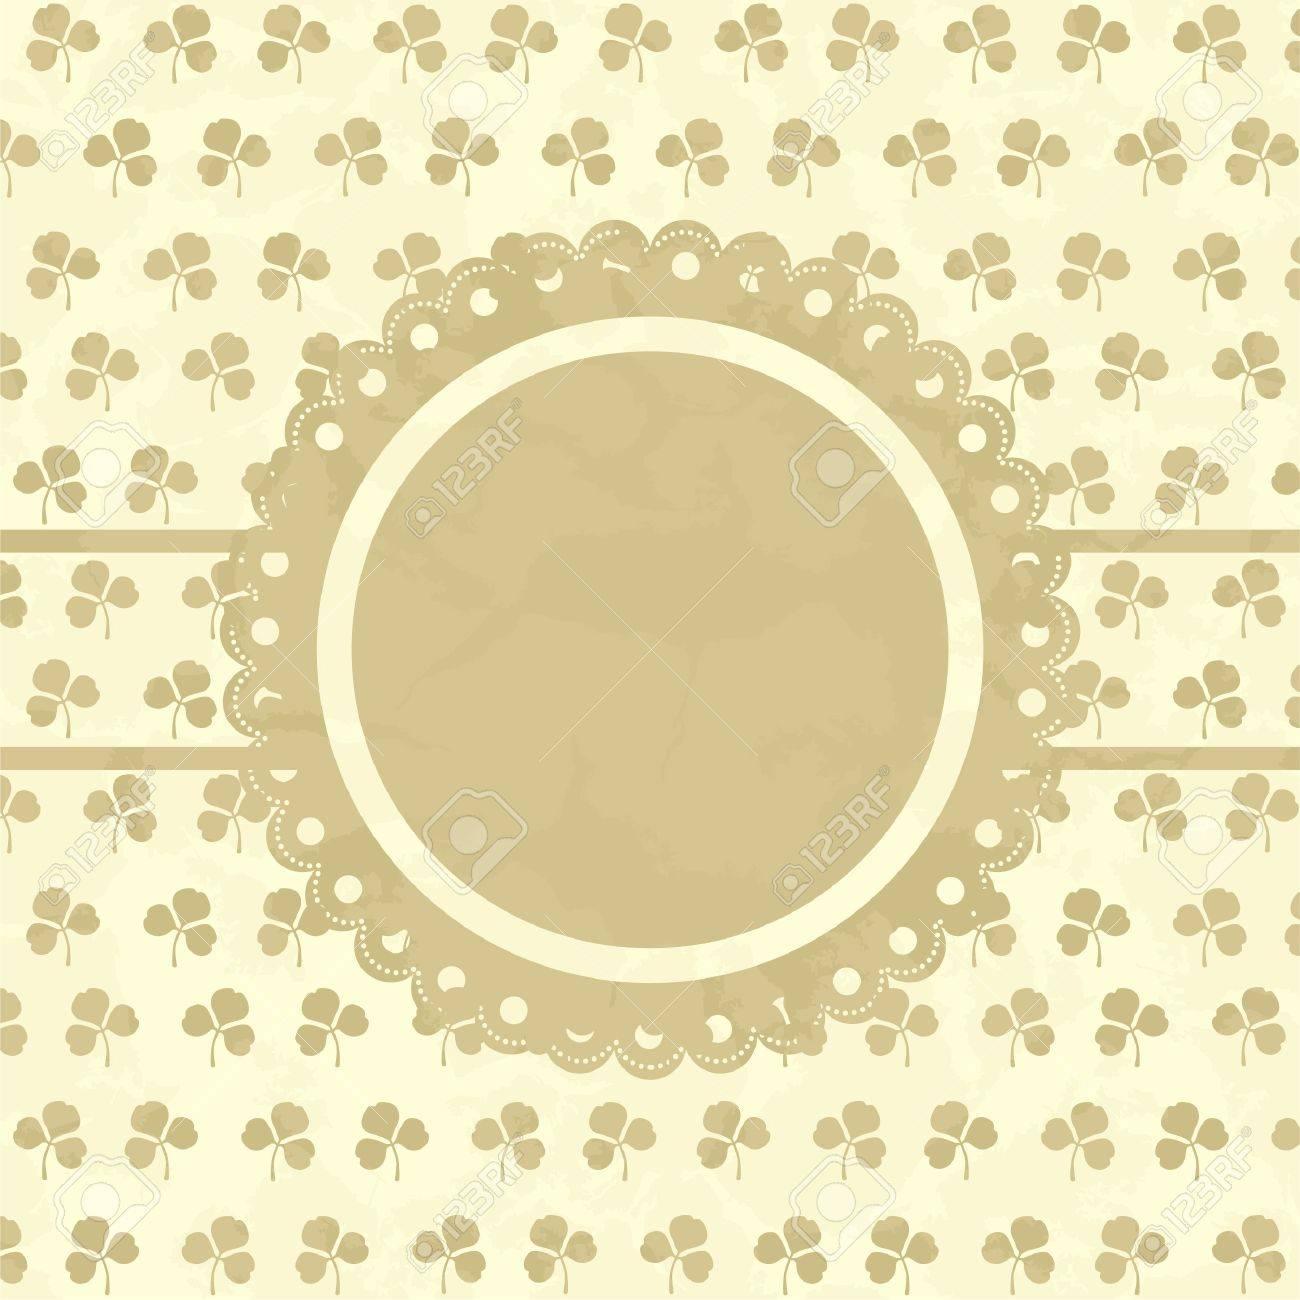 Clover design vintage frame. Stock Vector - 14948207